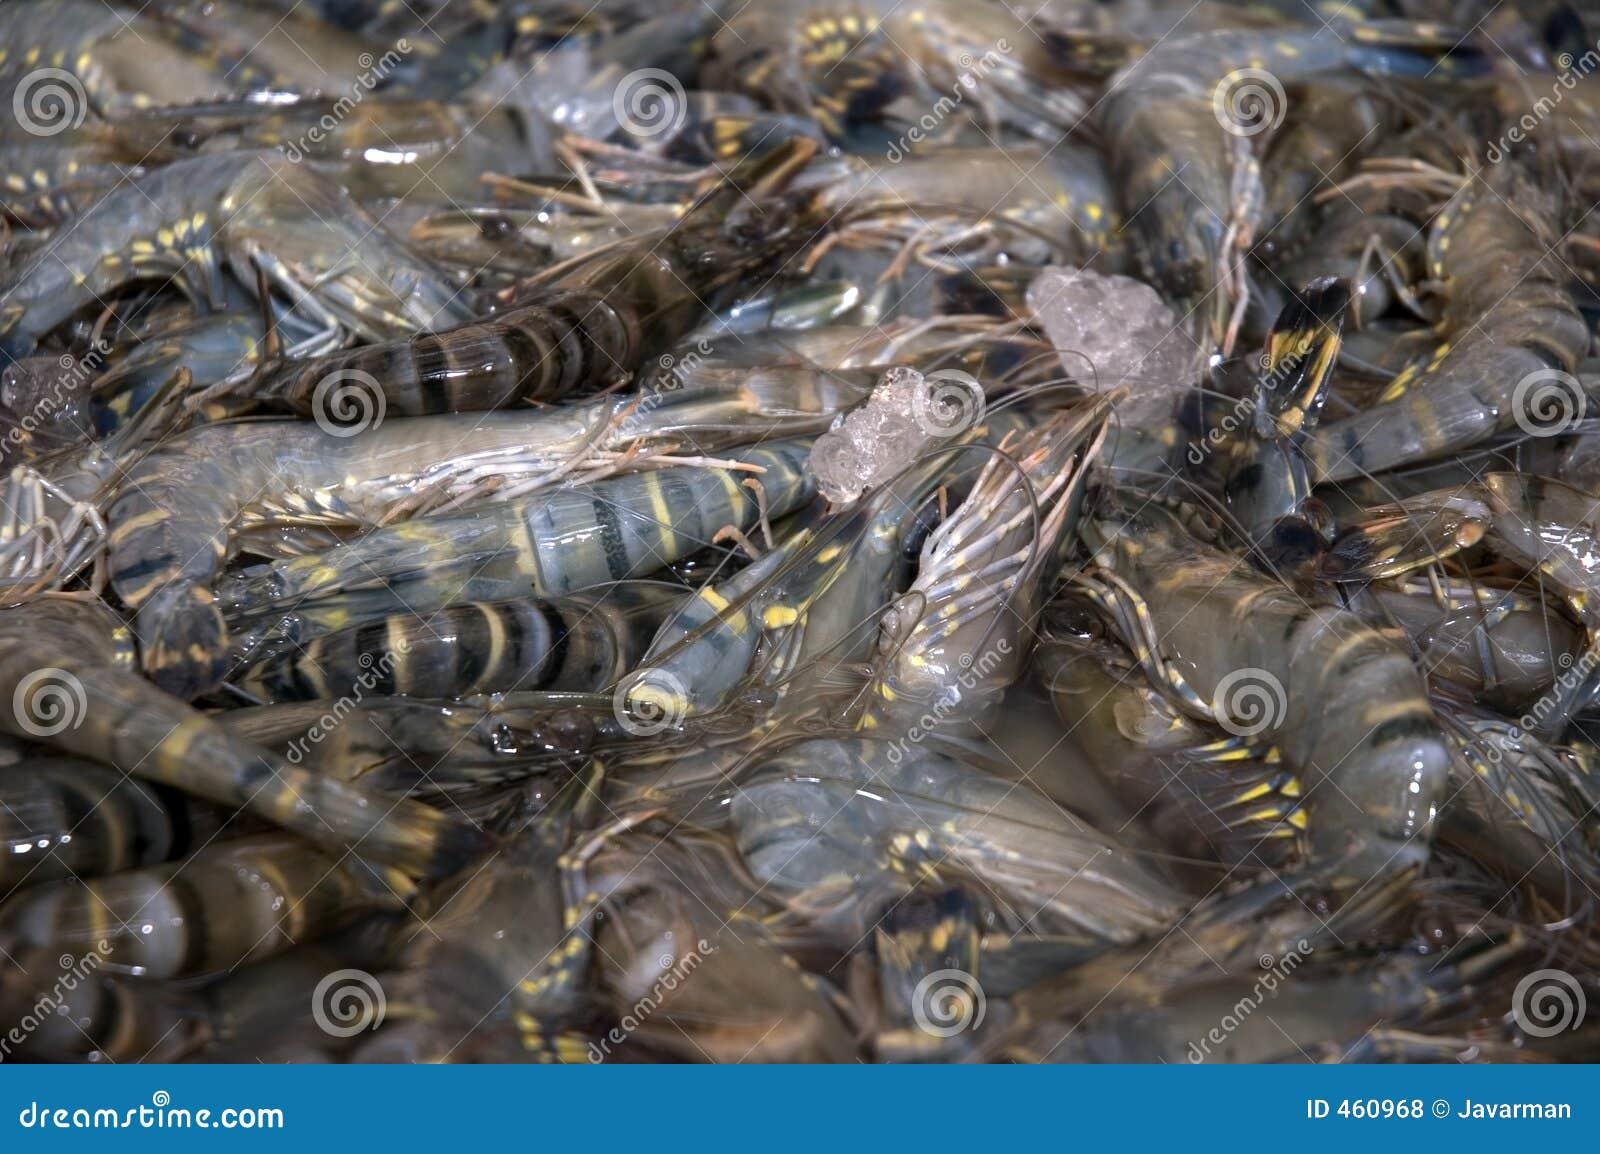 Fish market - shrimps